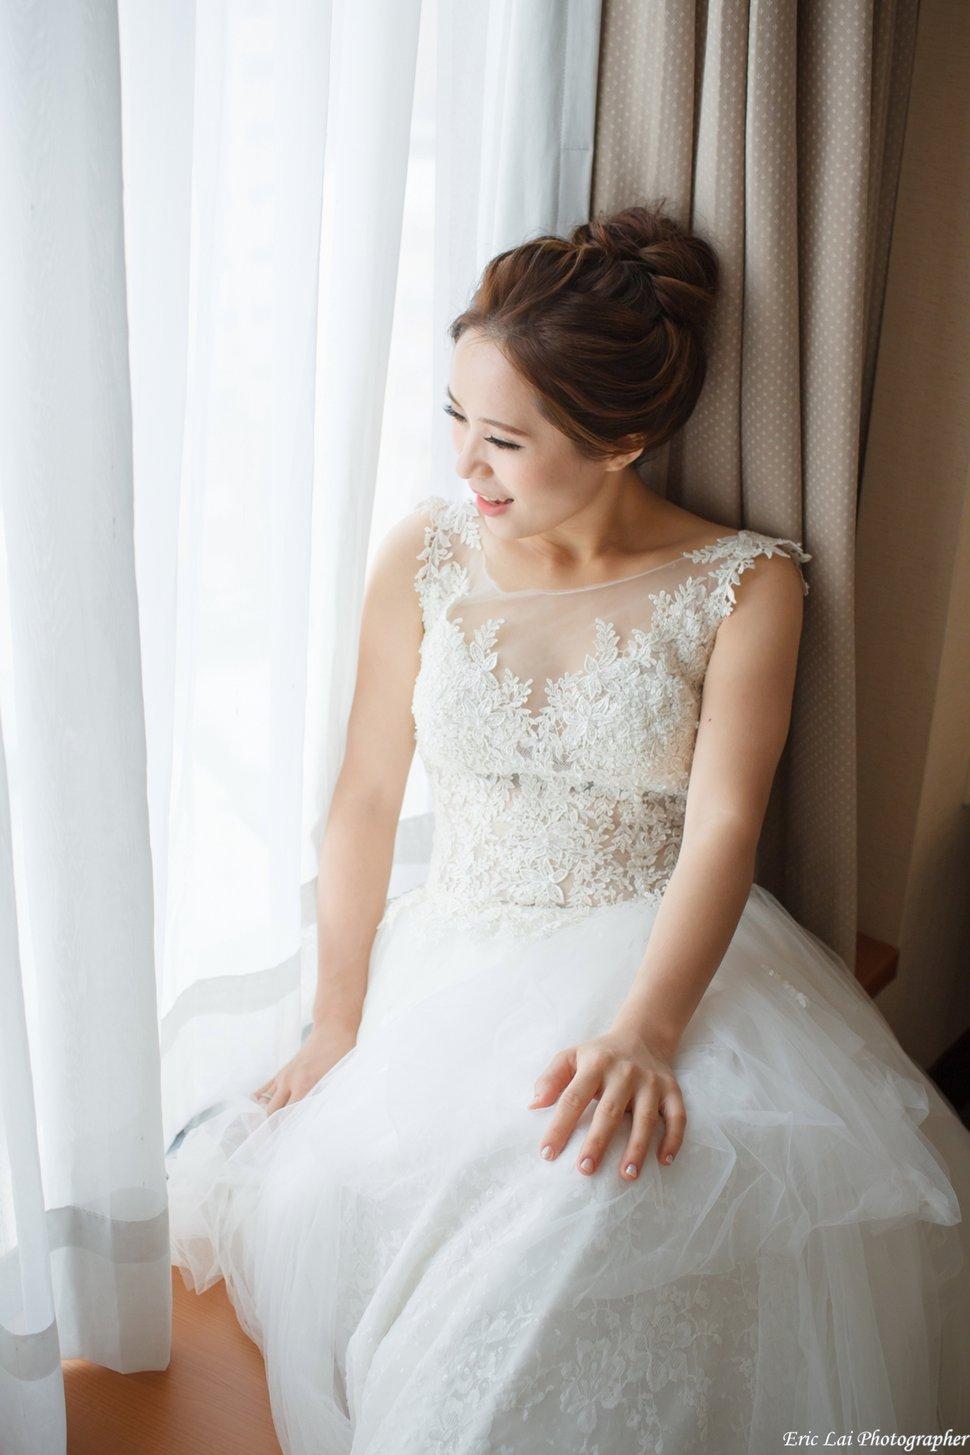 結婚儀式+喜宴 桃園囍宴軒(編號:400302) - Eric Lai攝影團隊工作室 - 結婚吧